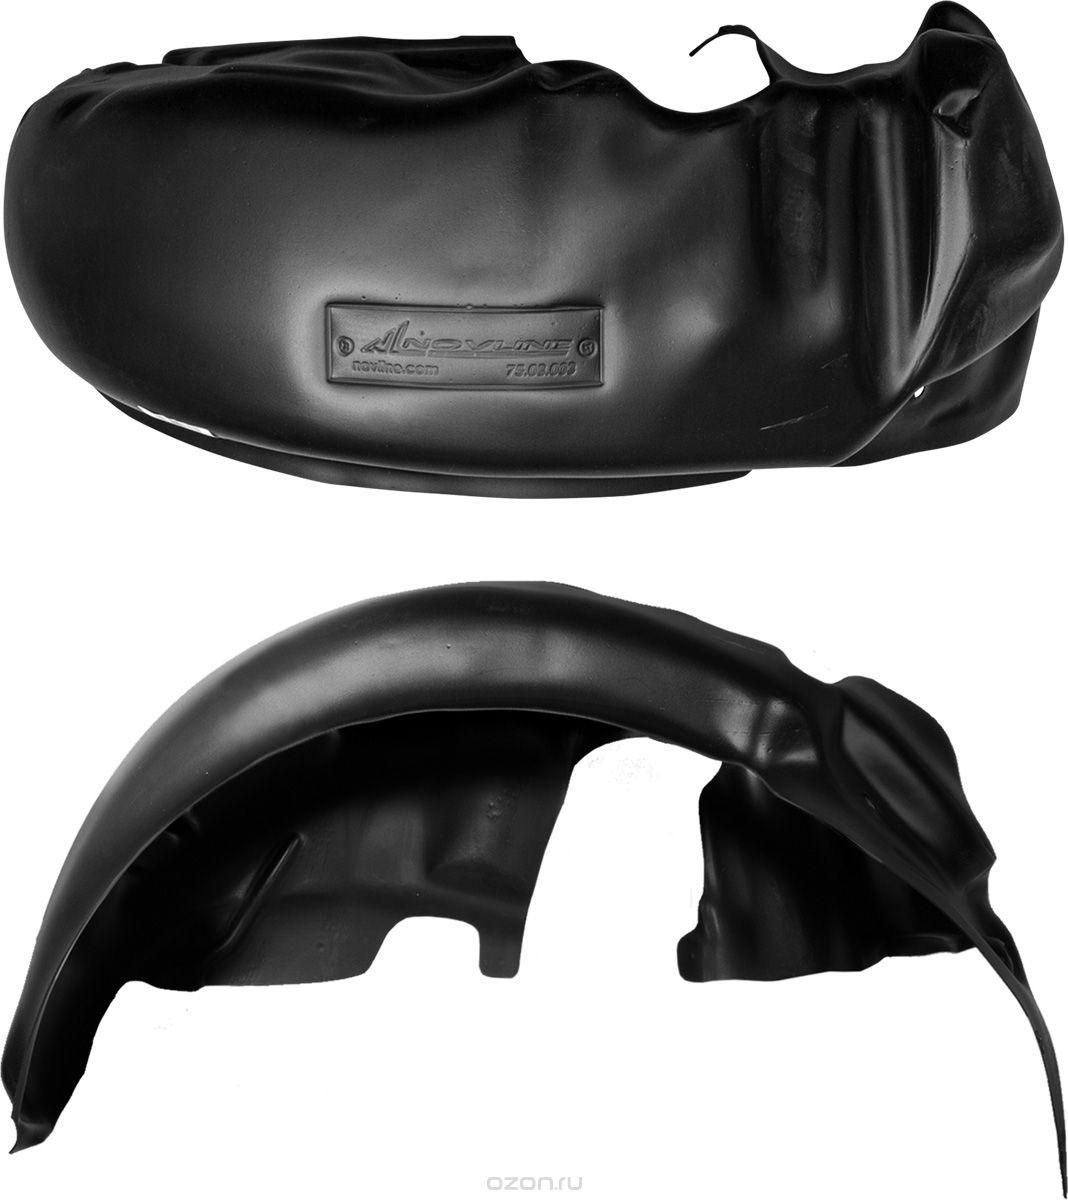 Подкрылок Novline-Autofamily, для Suzuki SX4 new, 2013-2016, 2016->, 2wd+4wd, задний левыйNLL.47.02.003Идеальная защита колесной ниши. Локеры разработаны с применением цифровых технологий, гарантируют максимальную повторяемость поверхности арки. Изделия устанавливаются без нарушения лакокрасочного покрытия автомобиля, каждый подкрылок комплектуется крепежом. Уважаемые клиенты, обращаем ваше внимание, что фотографии на подкрылки универсальные и не отражают реальную форму изделия. При этом само изделие идет точно под размер указанного автомобиля.